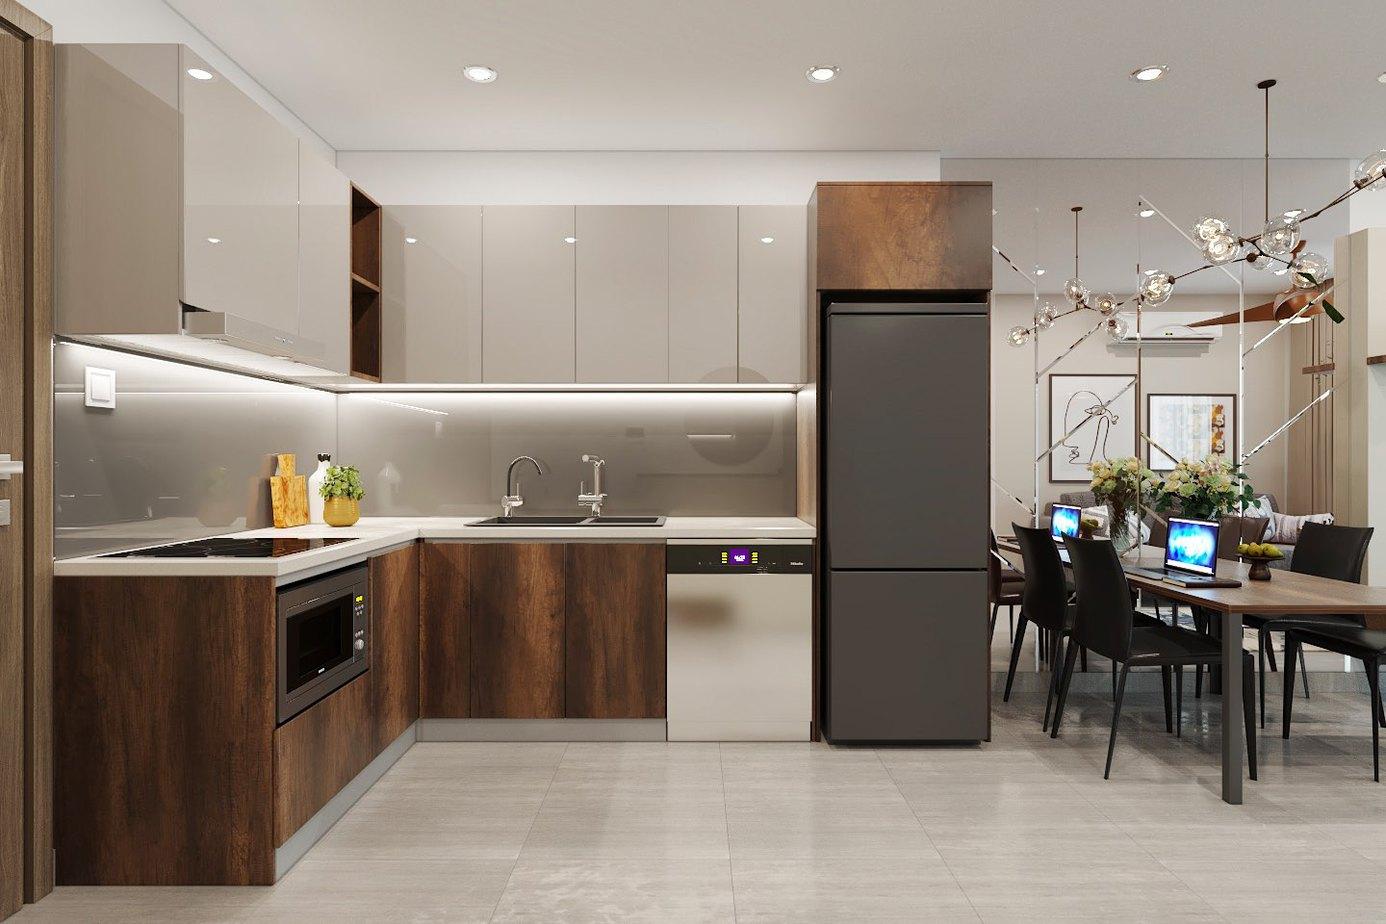 Vệ sinh tủ bếp thường xuyên để tránh tình trạng vết bẩn tích tụ lâu ngày khó làm sạch